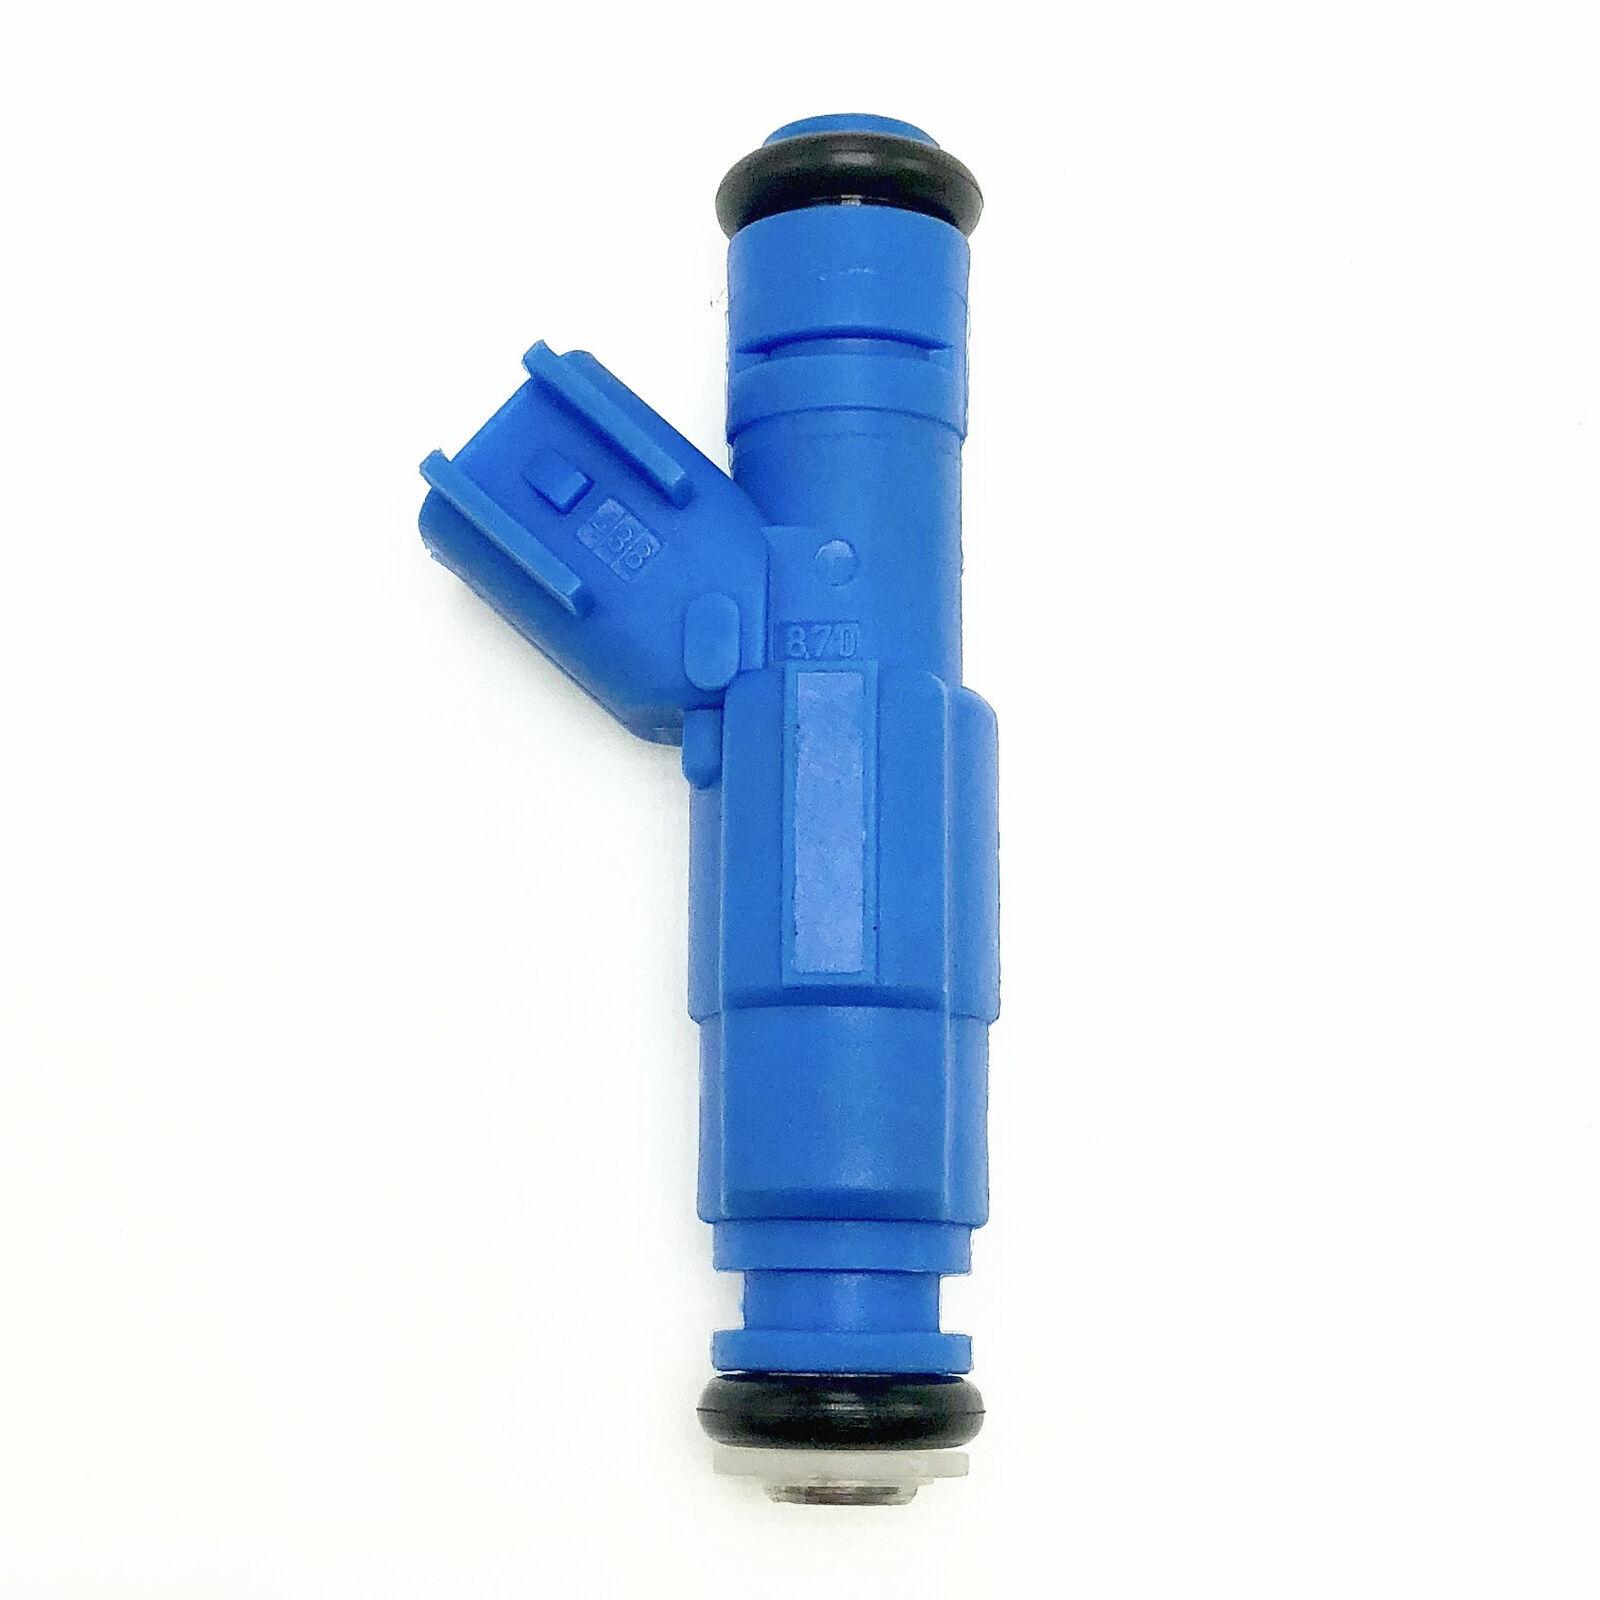 Set of 4 Bosch Upgrade 0280156193 Fuel Injectors for Mazda 3 5 6 I4 2.3L